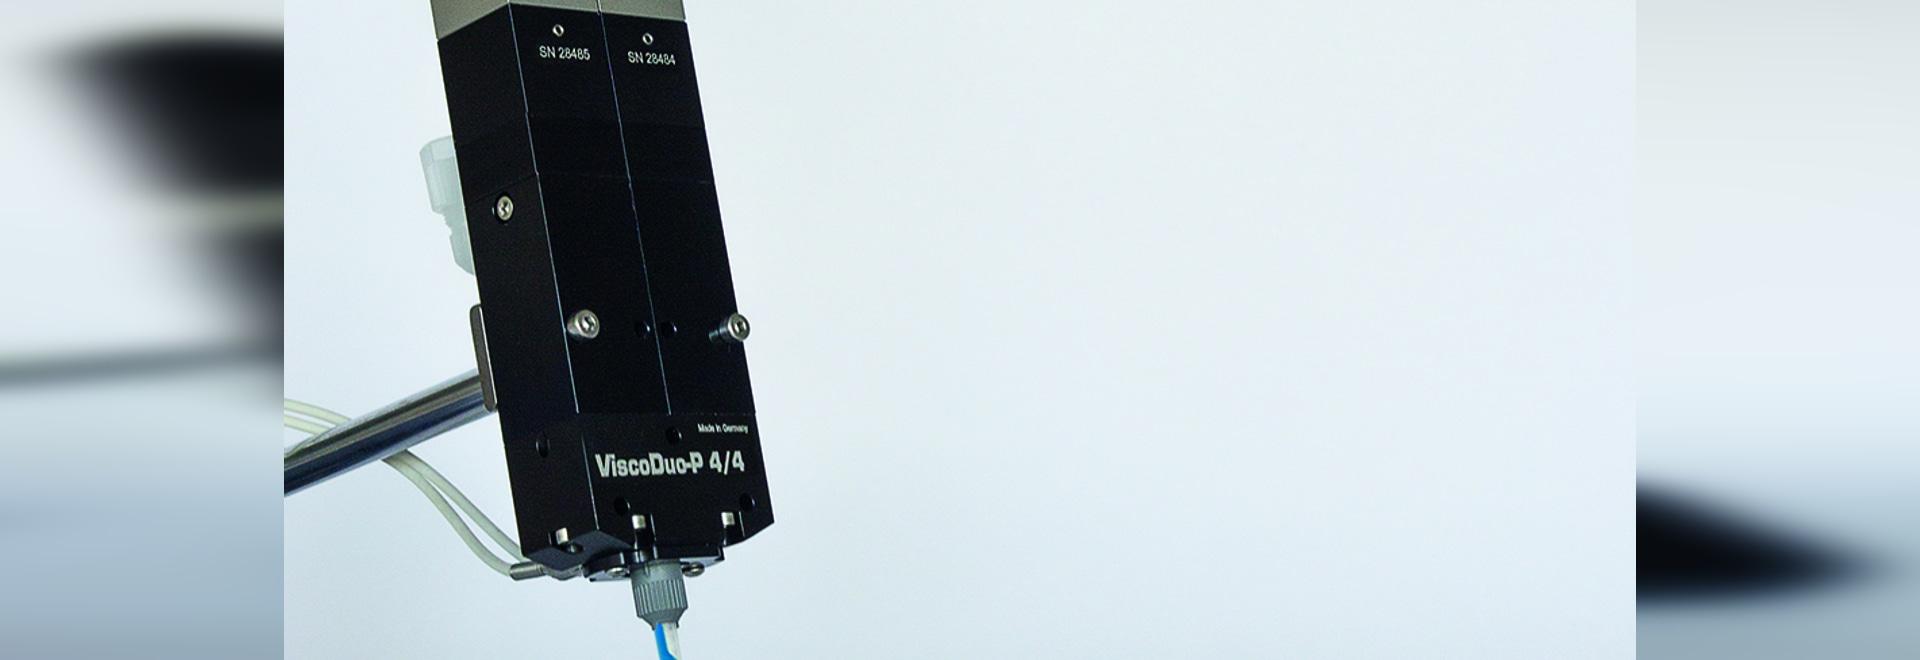 Application de la perle ViscoDuo-.P4/4 avec du silicone de deux-composant